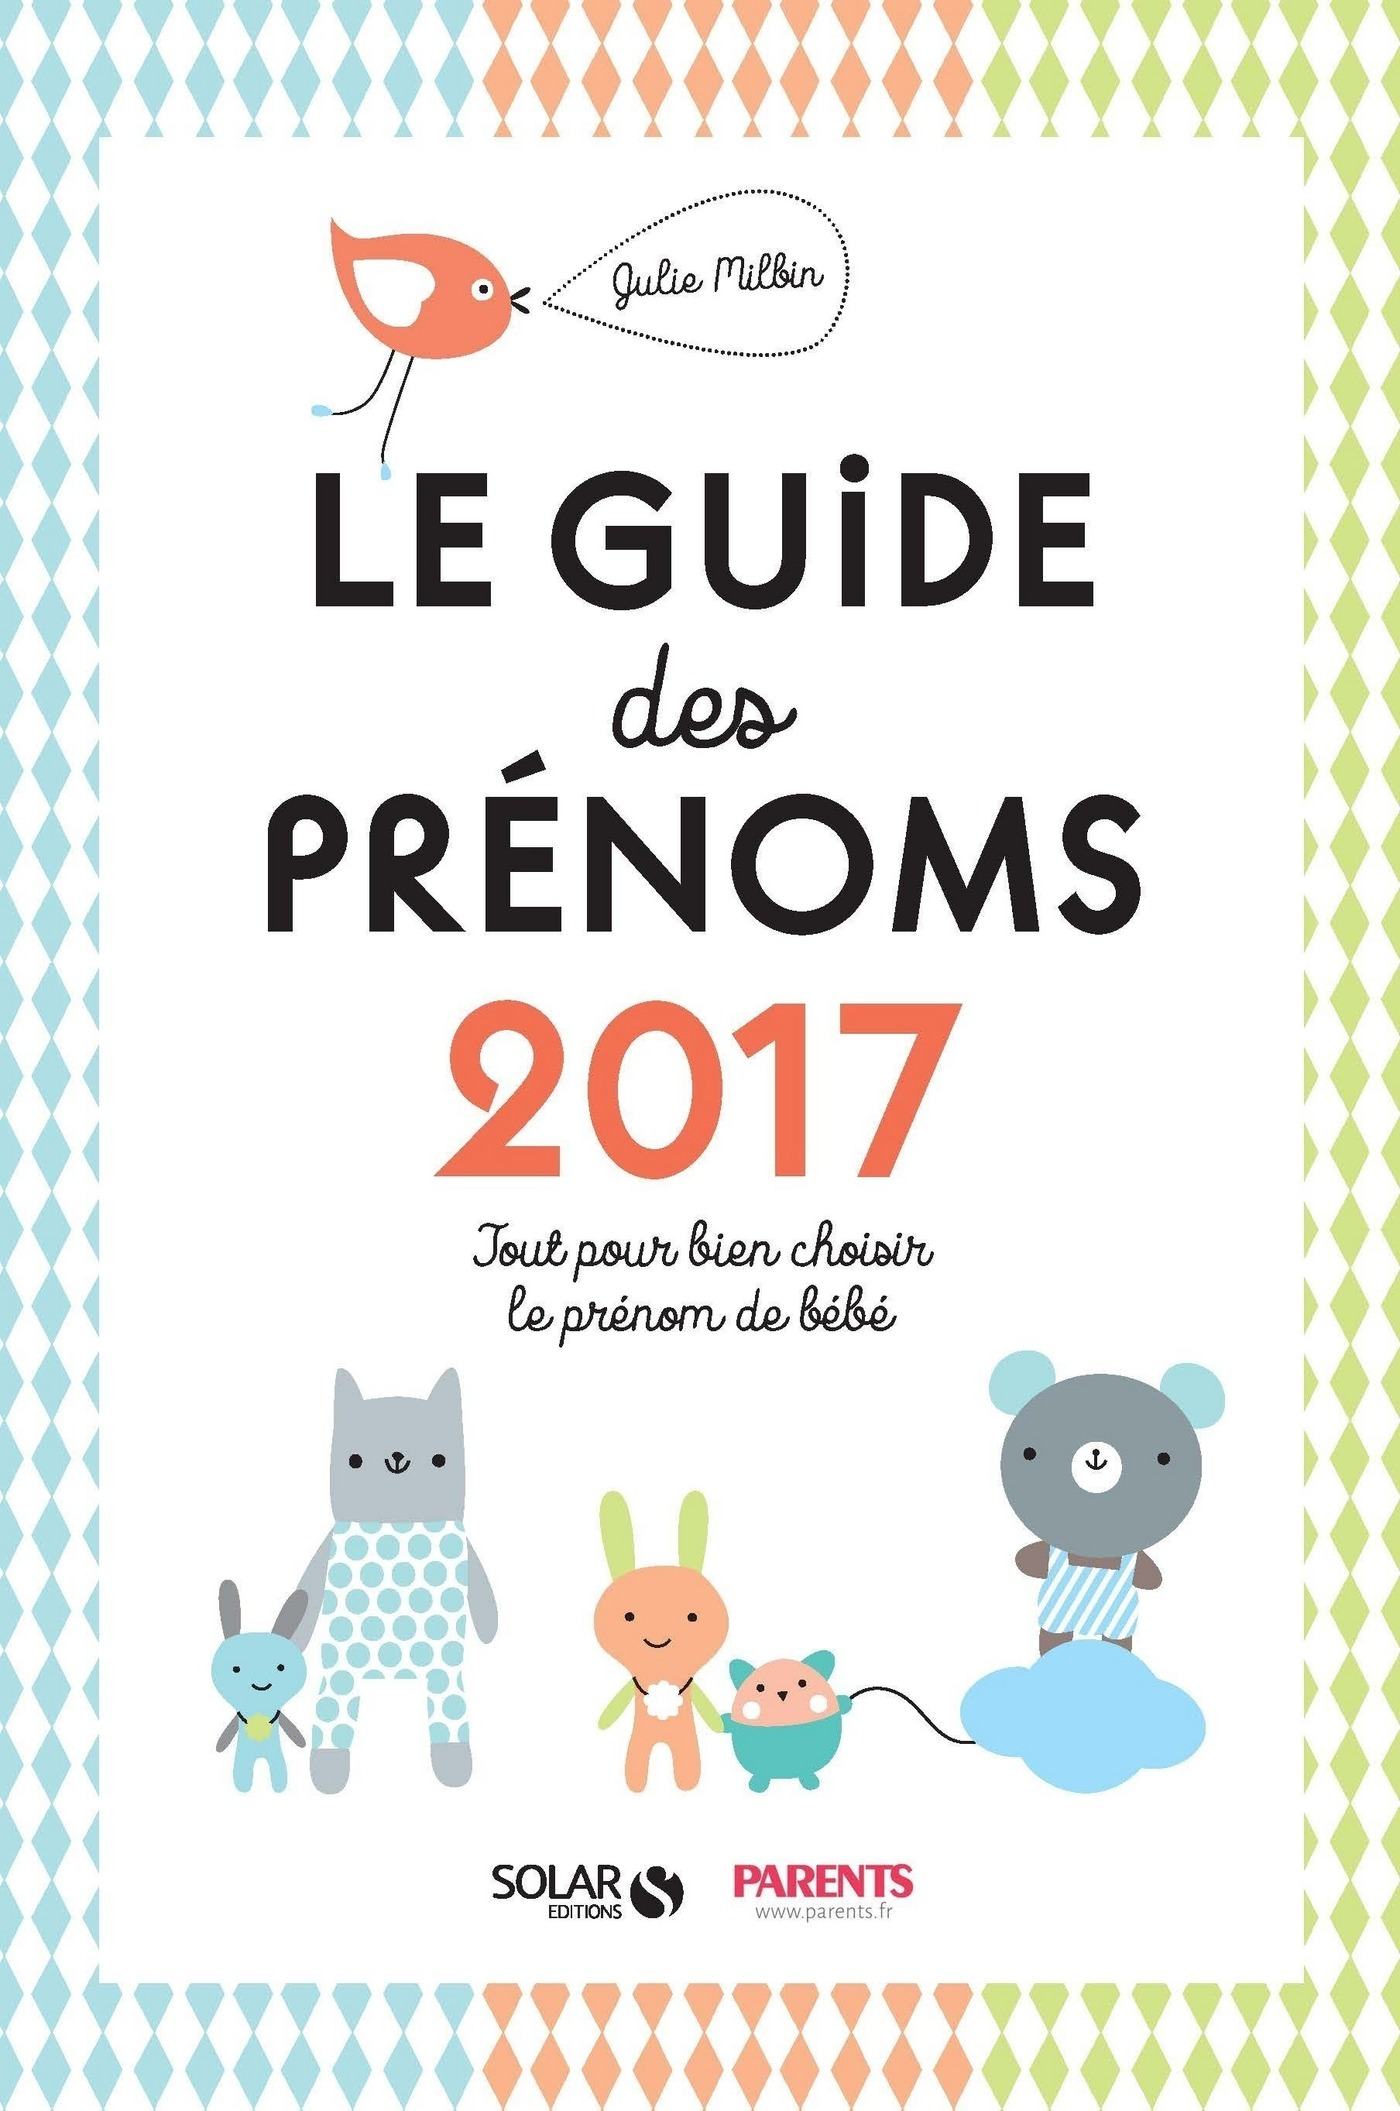 Le guide des pr?noms 2017